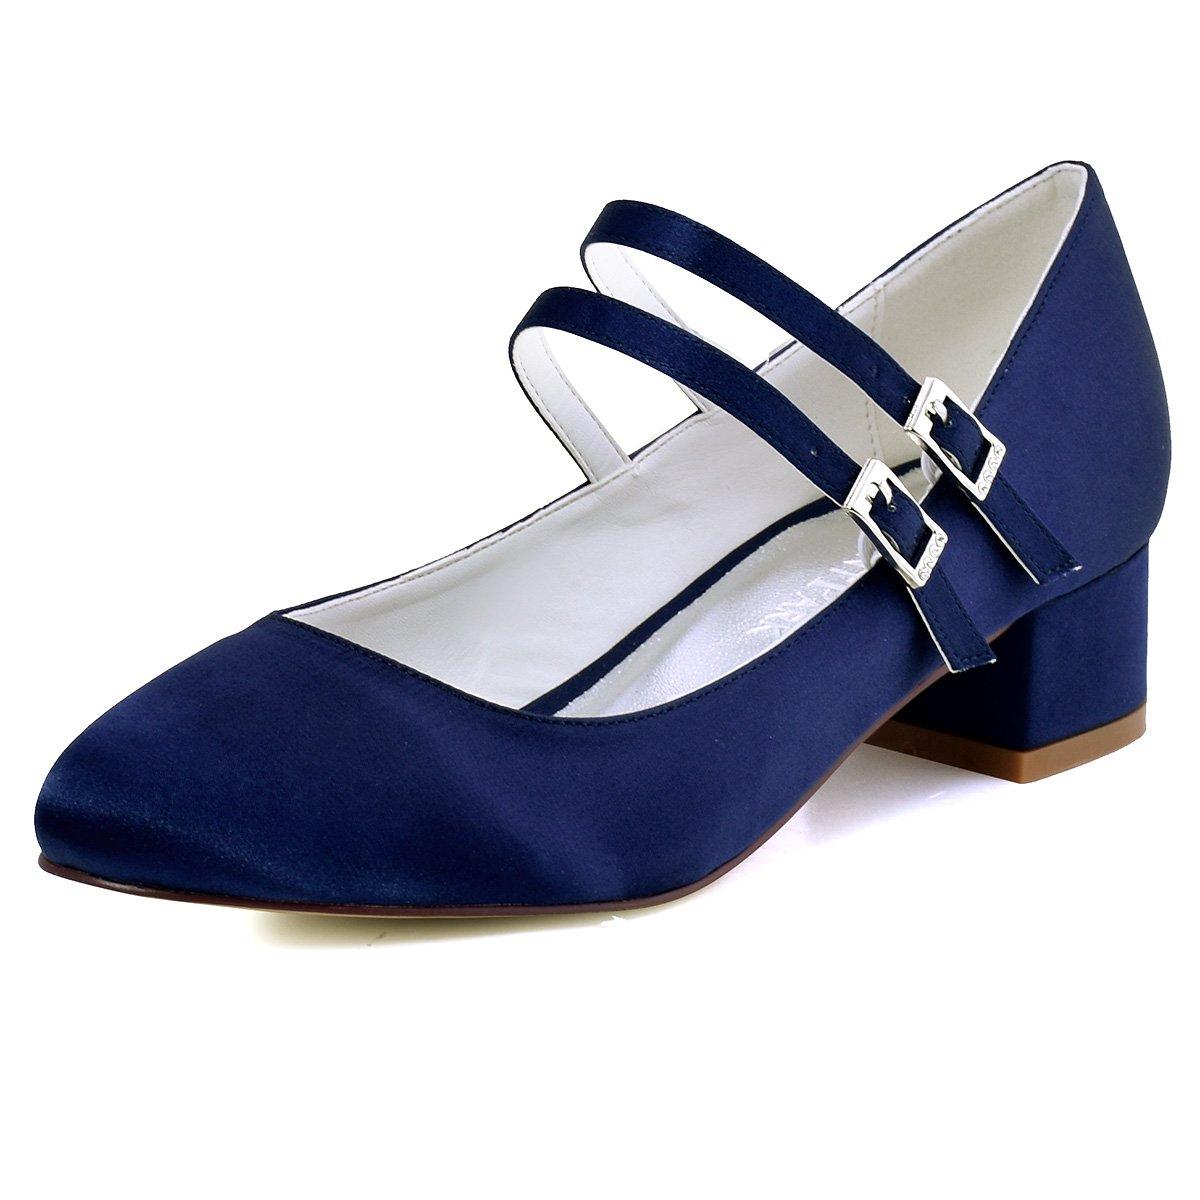 ElegantPark Femmes 19997 Fermé Toe Bloc Talon Mary Mary Chaussures Jane Pompes Satin Chaussures de Mariage Soirée Bleu Marine bea646c - boatplans.space